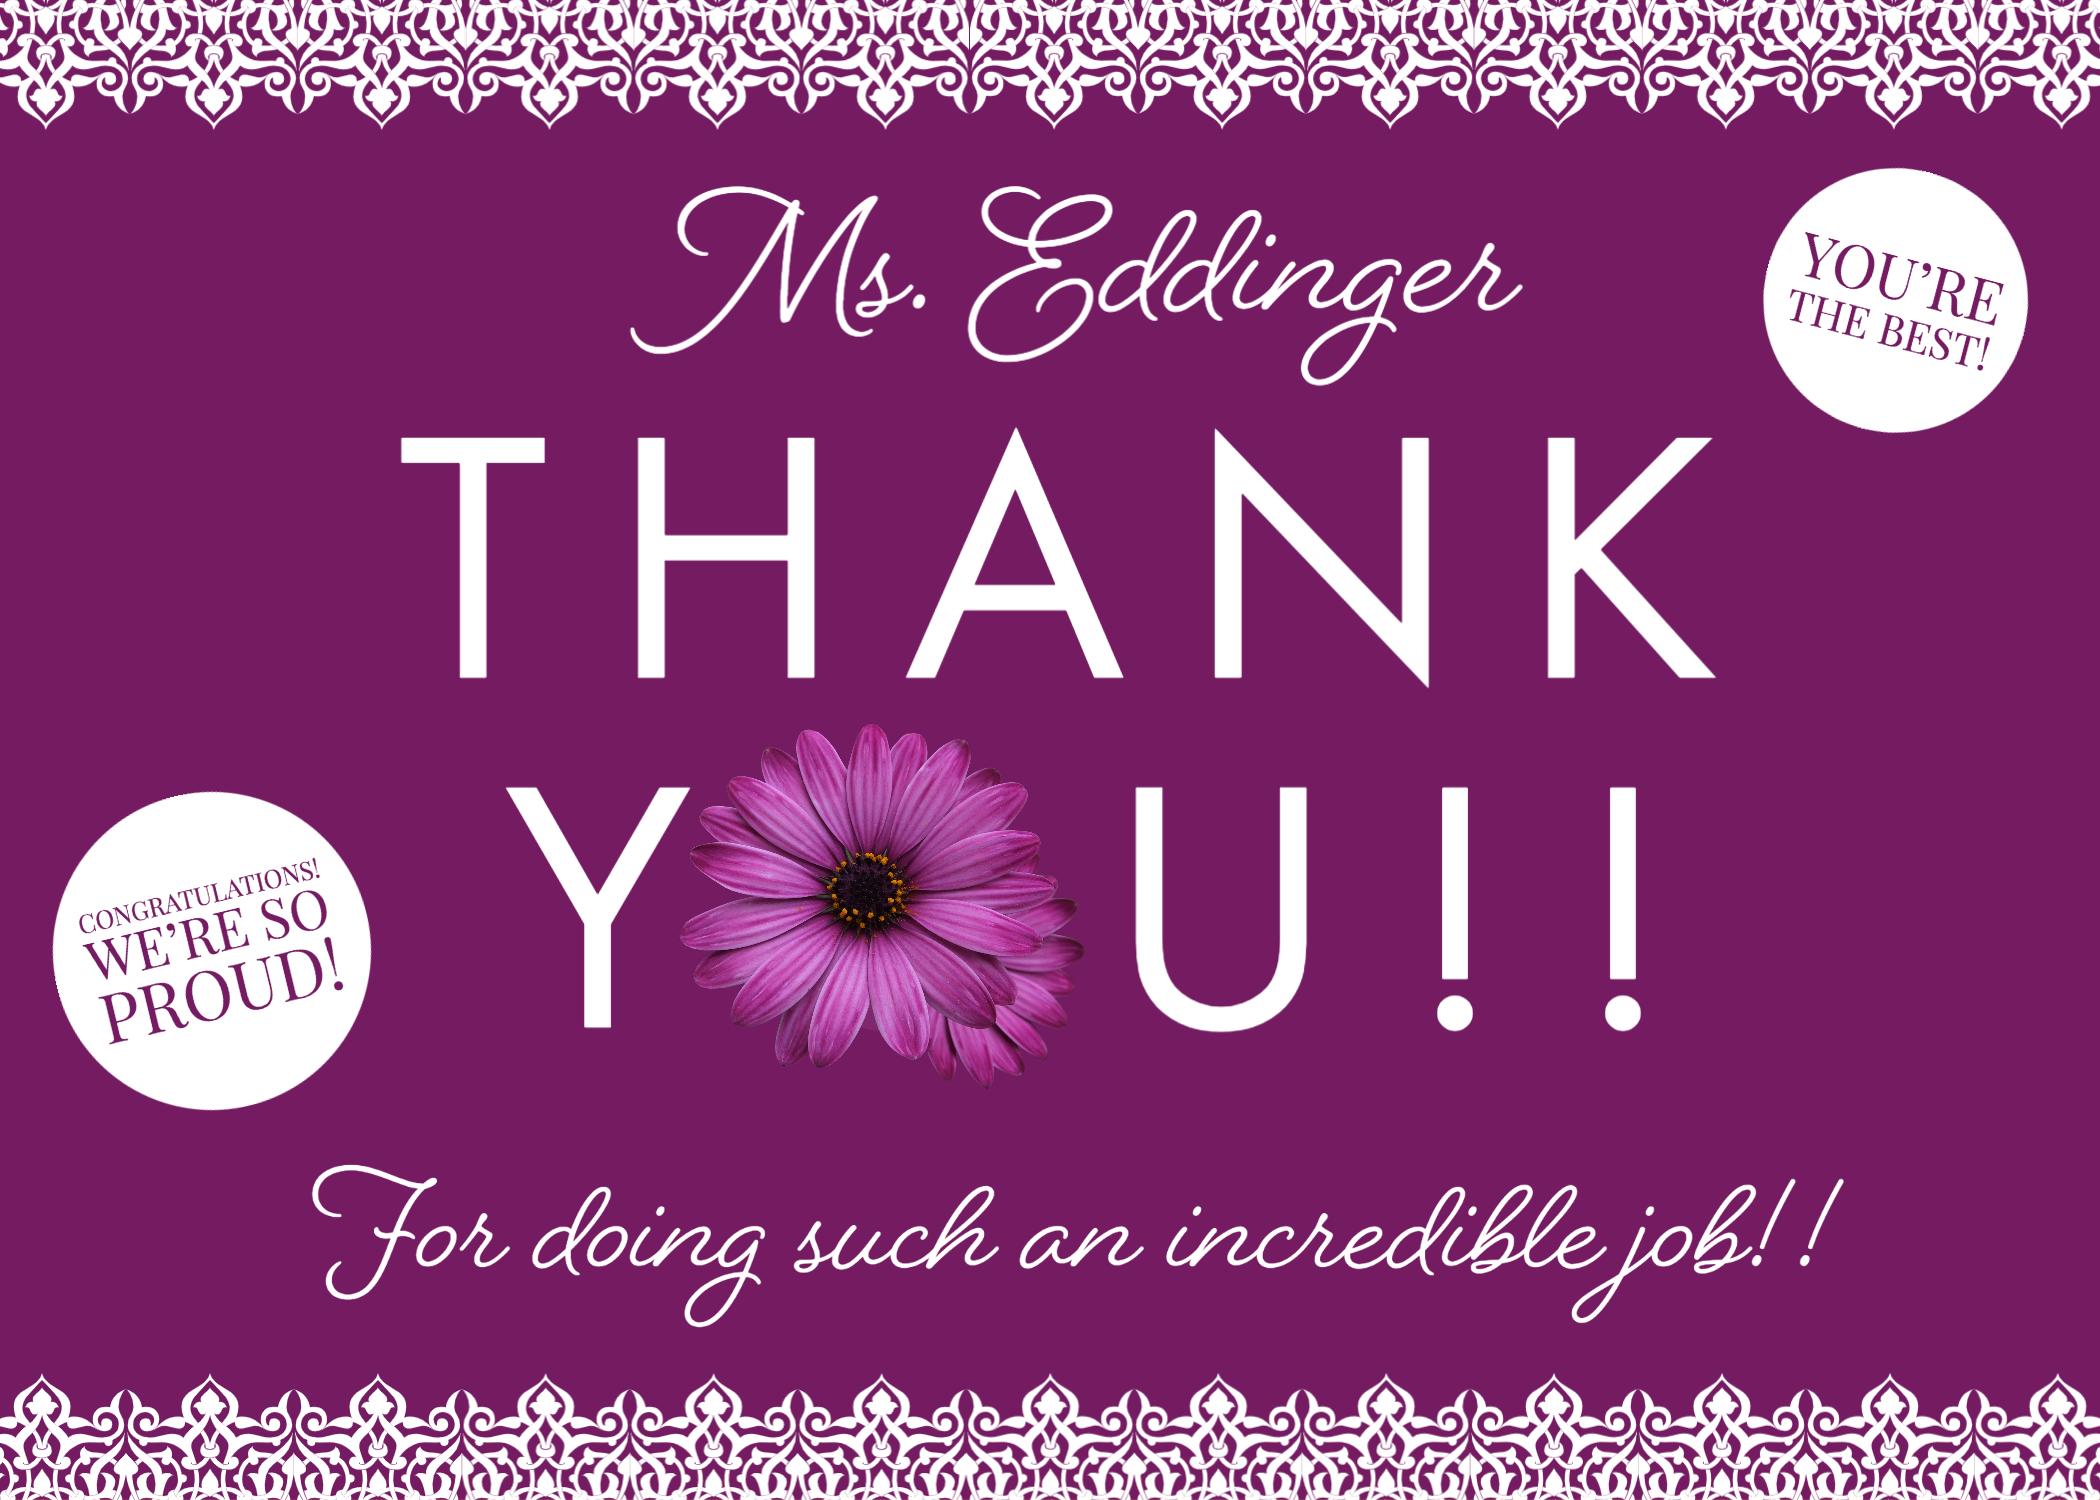 Ms. Eddinger (1)